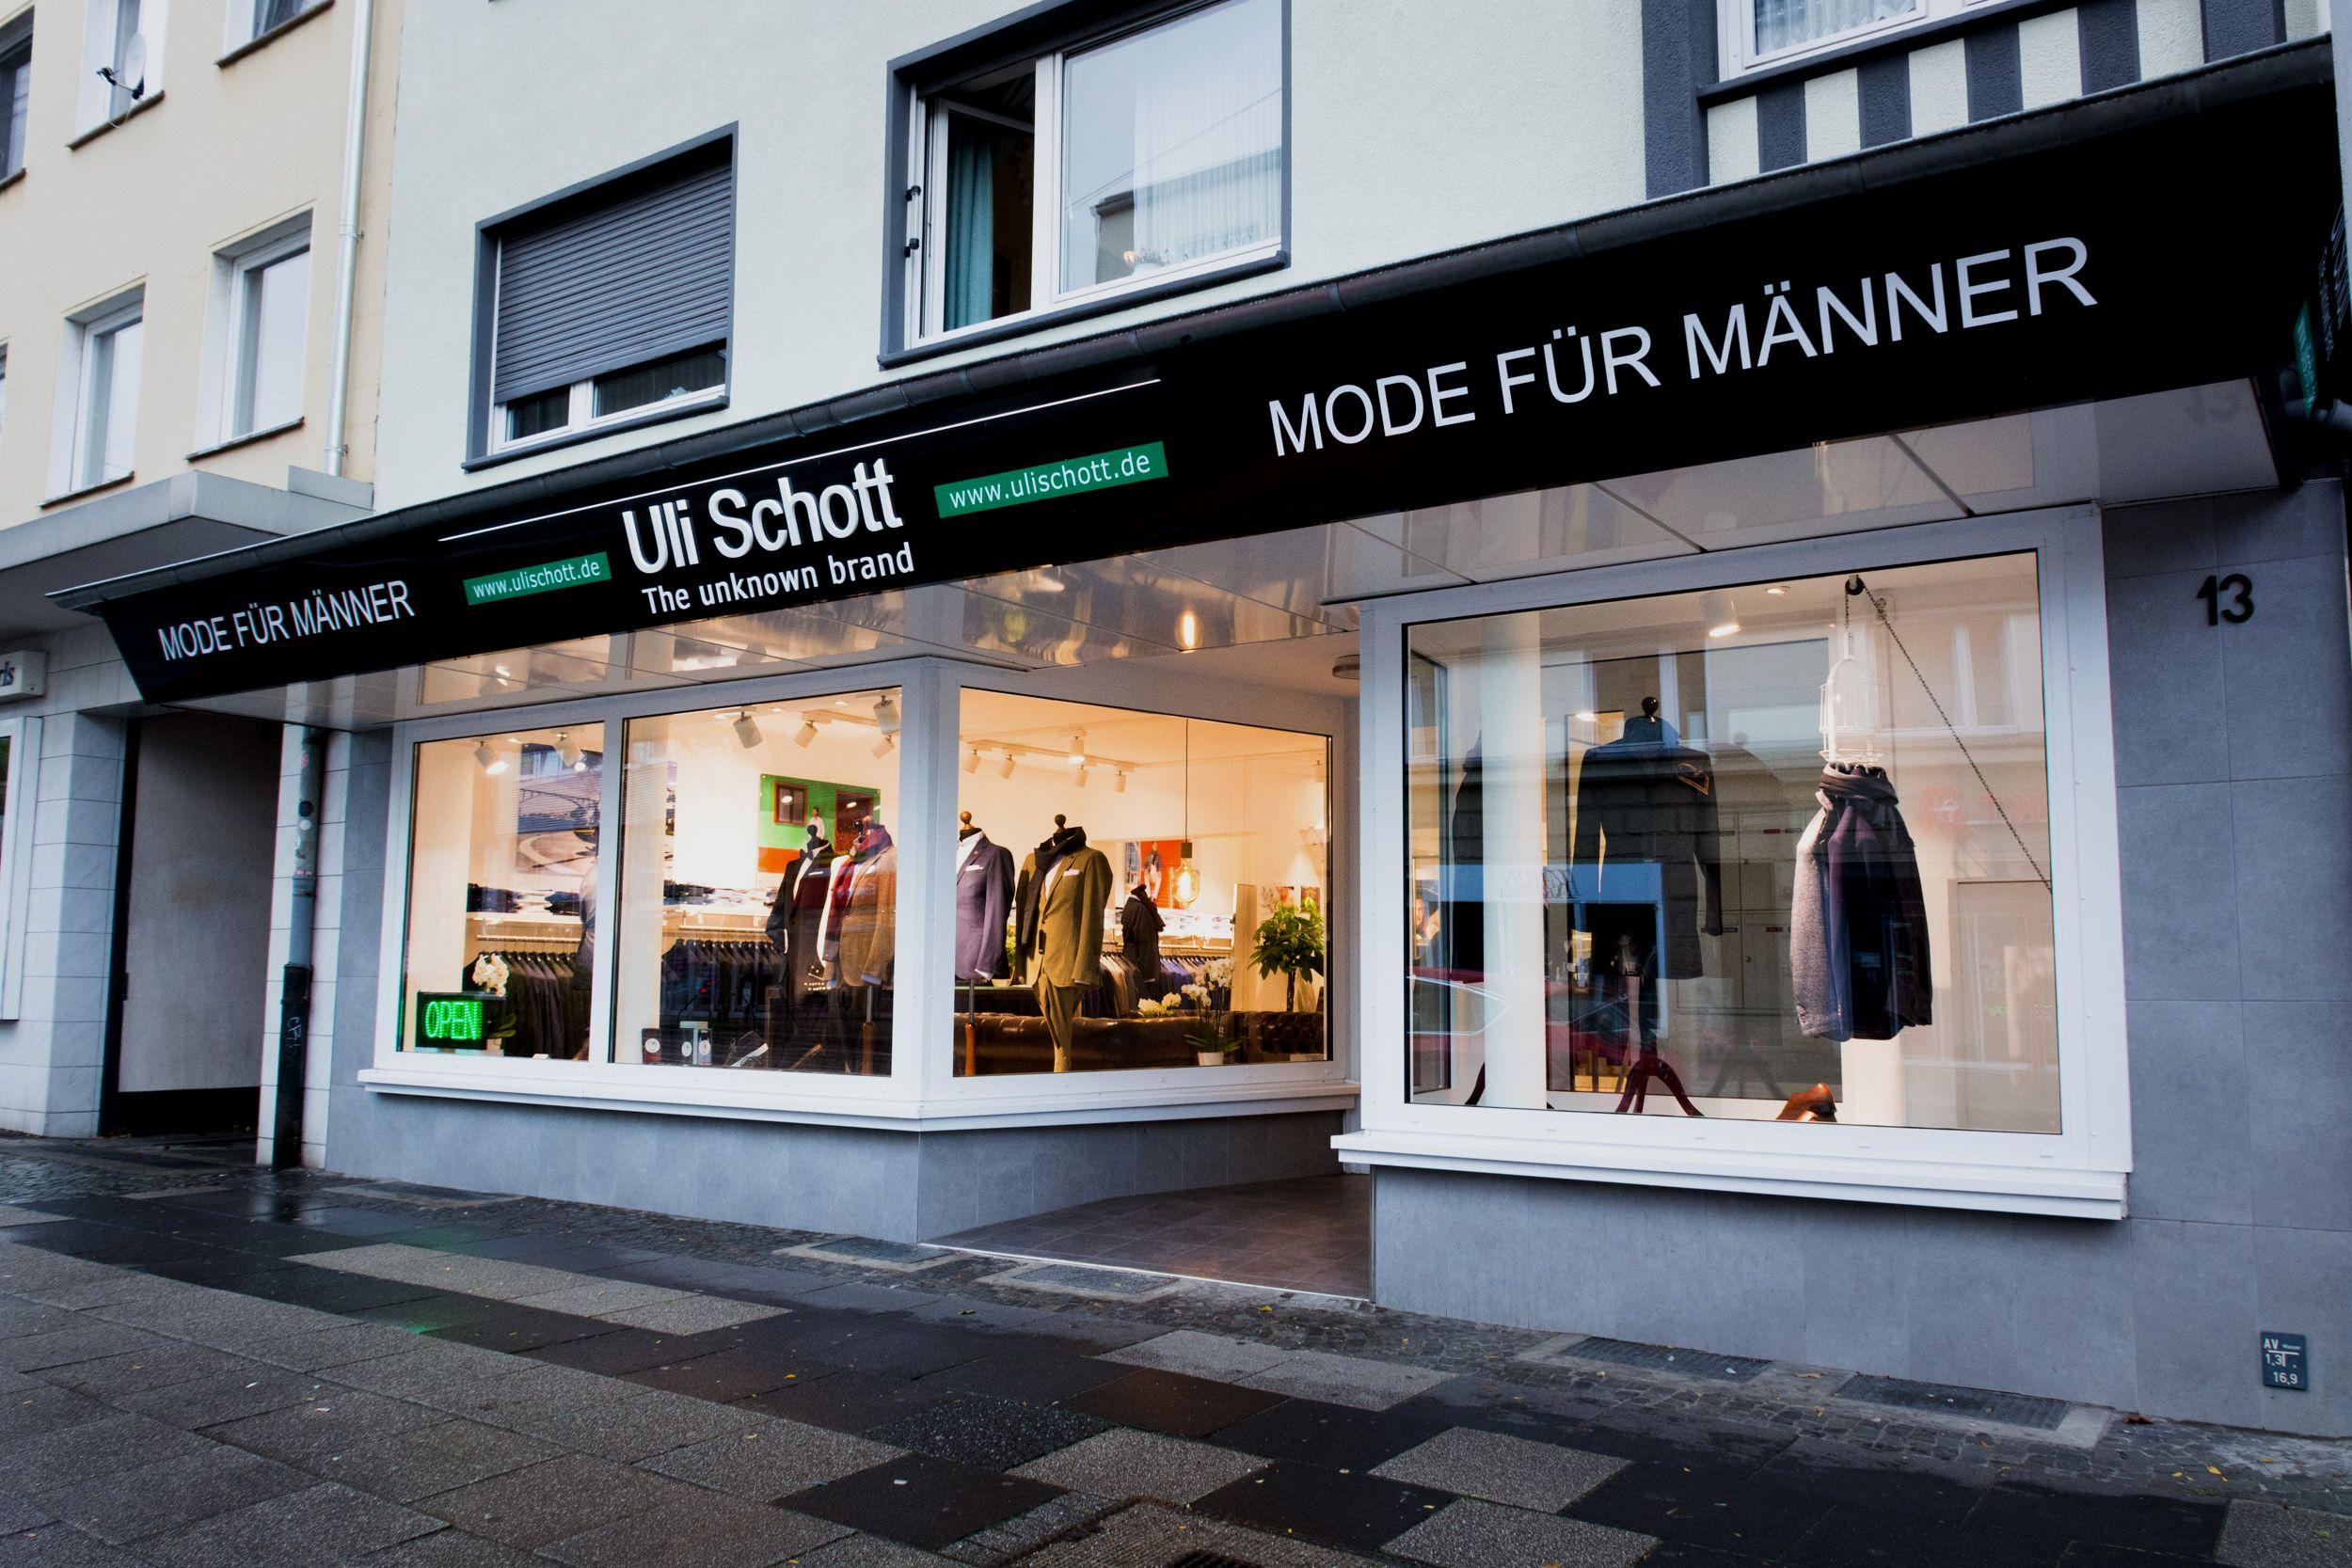 Uli Schott - The unknown brand